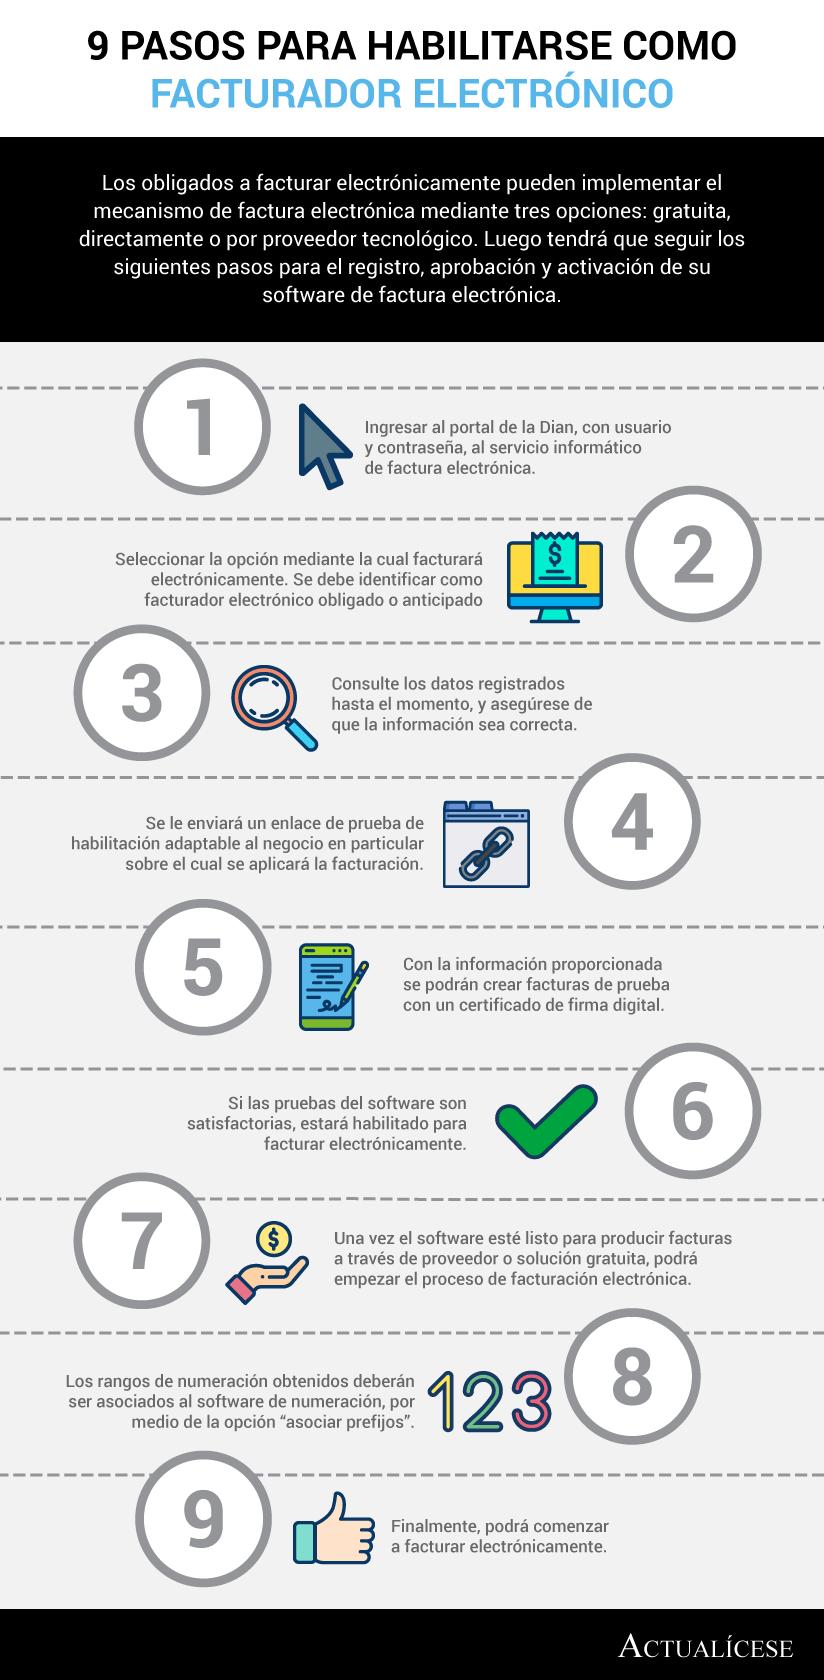 [Infografía] 9 pasos para habilitarse como facturador electrónico